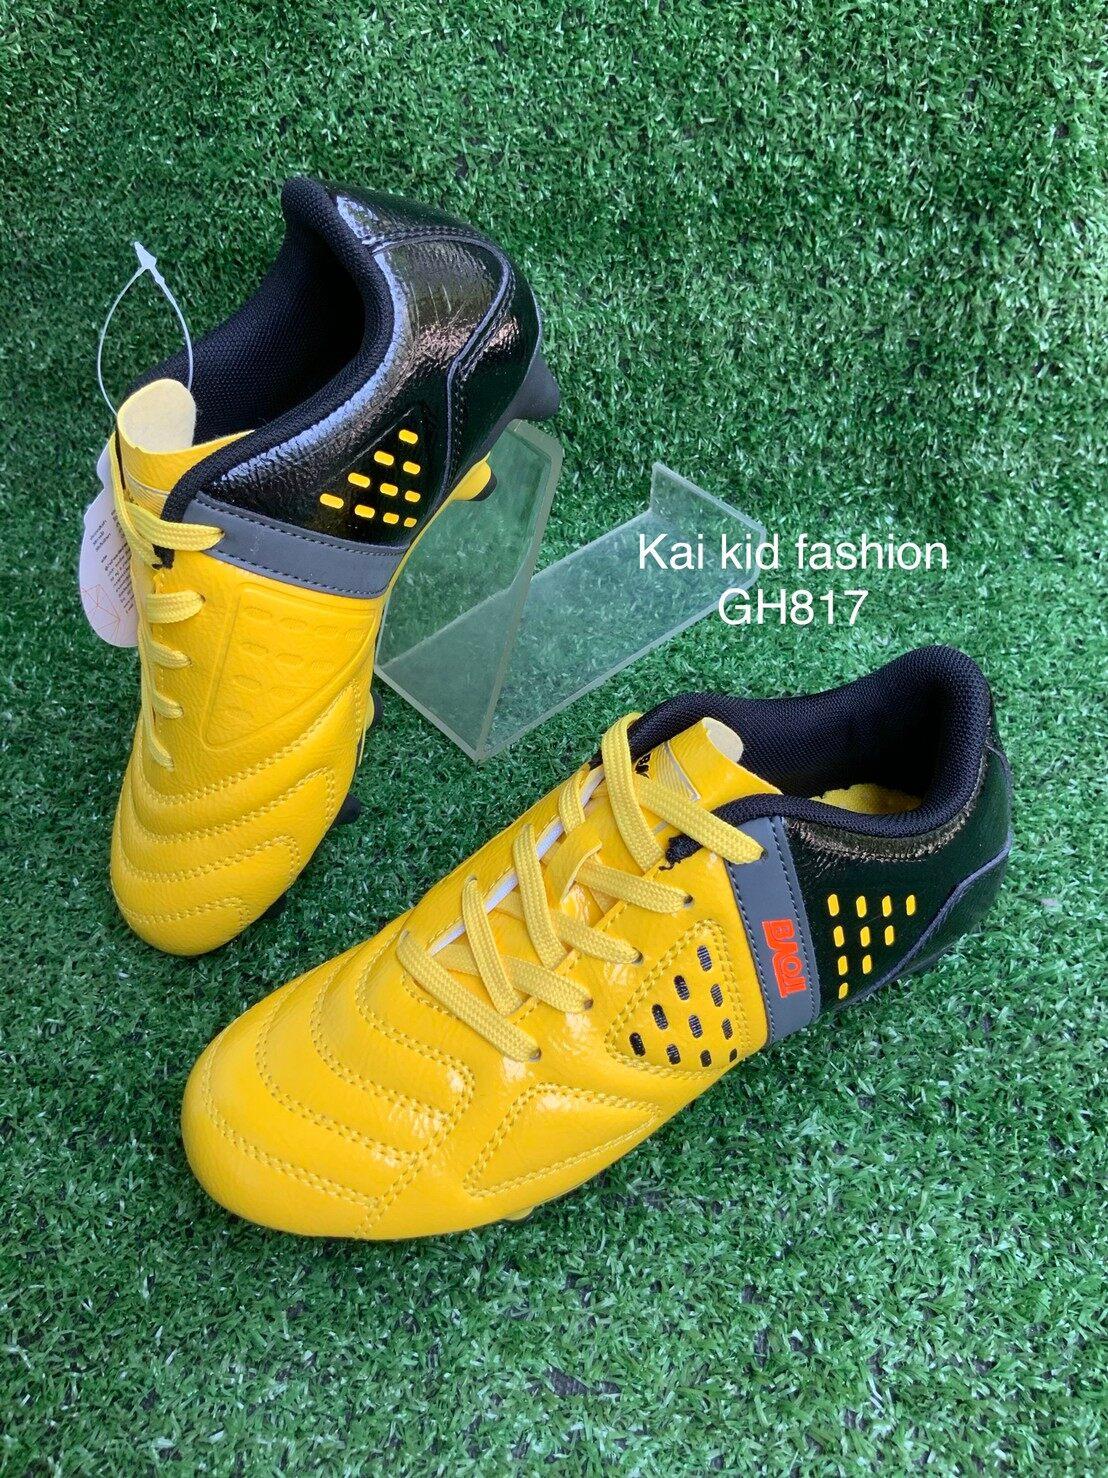 รองเท้าสต๊ั๊ดเด็ก รองเท้าเด็ก ใส่ออกกำลังกาย แบรนด์ บาโอจิ baoji kid ของเเท้จากโรงงาน GH817